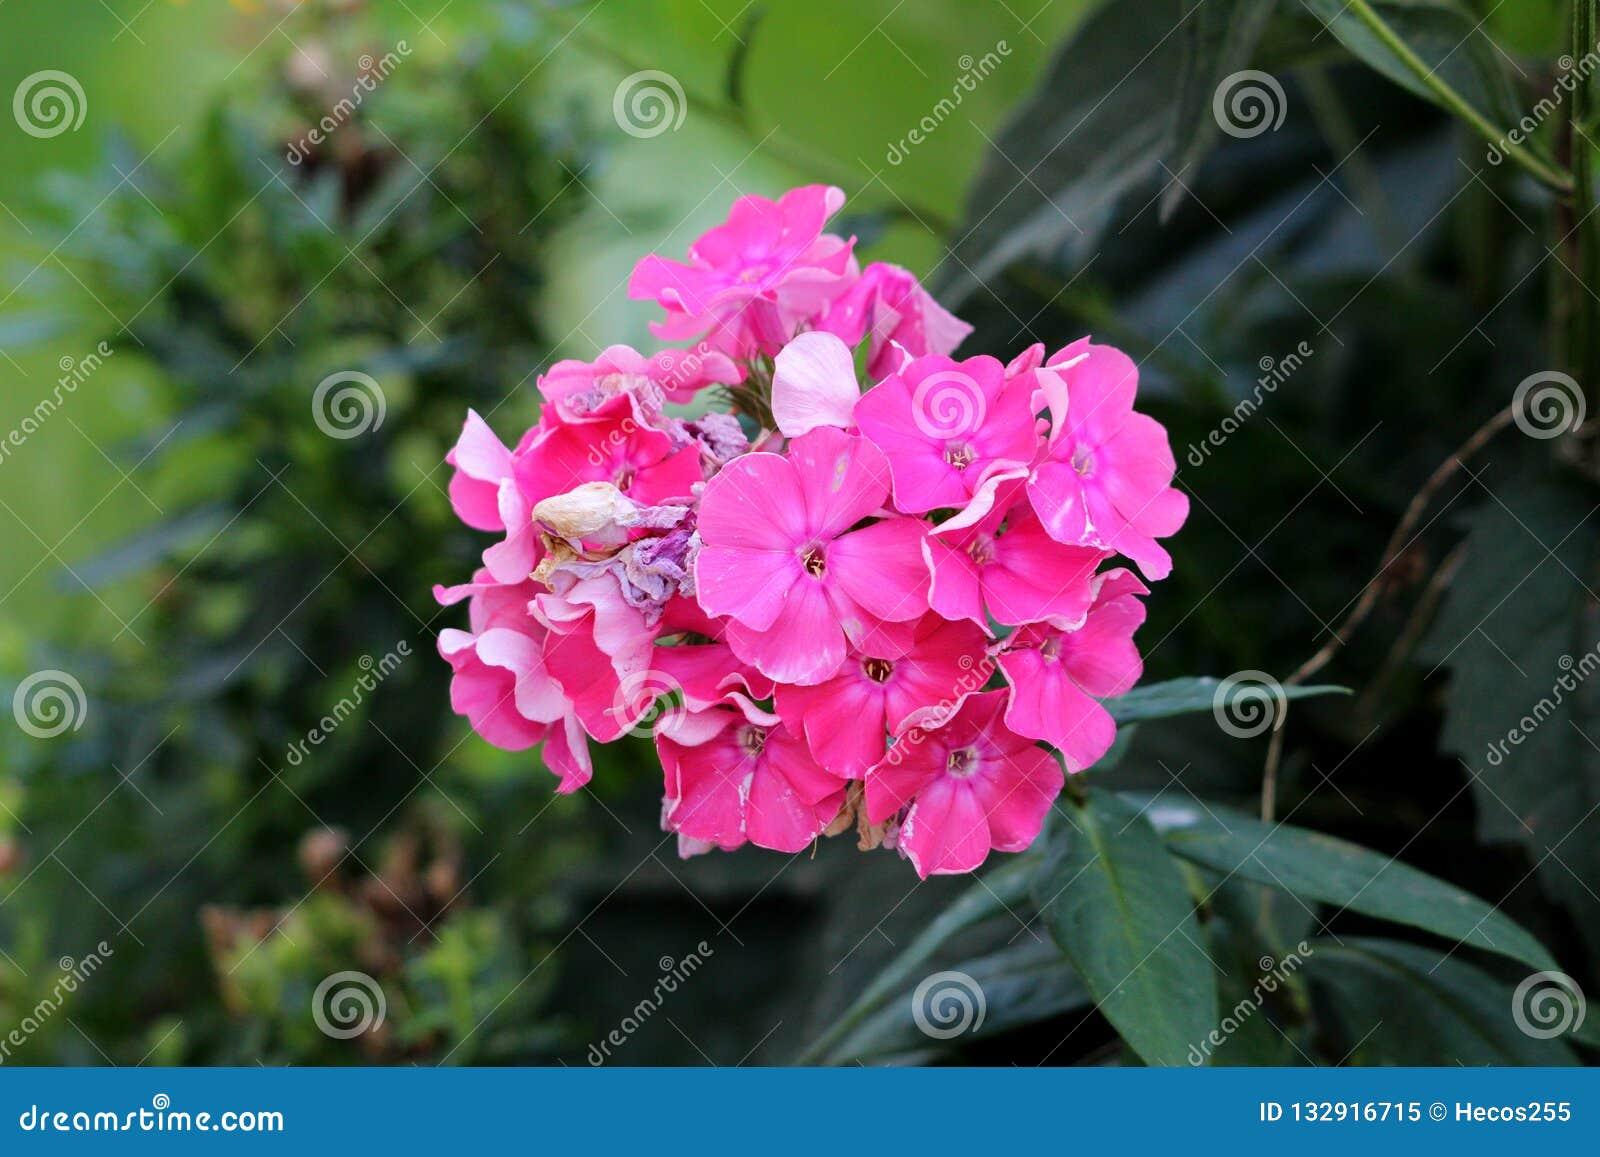 有束的福禄考paniculata笔直草本四季不断的植物开花和开始凋枯光到黑暗的桃红色花